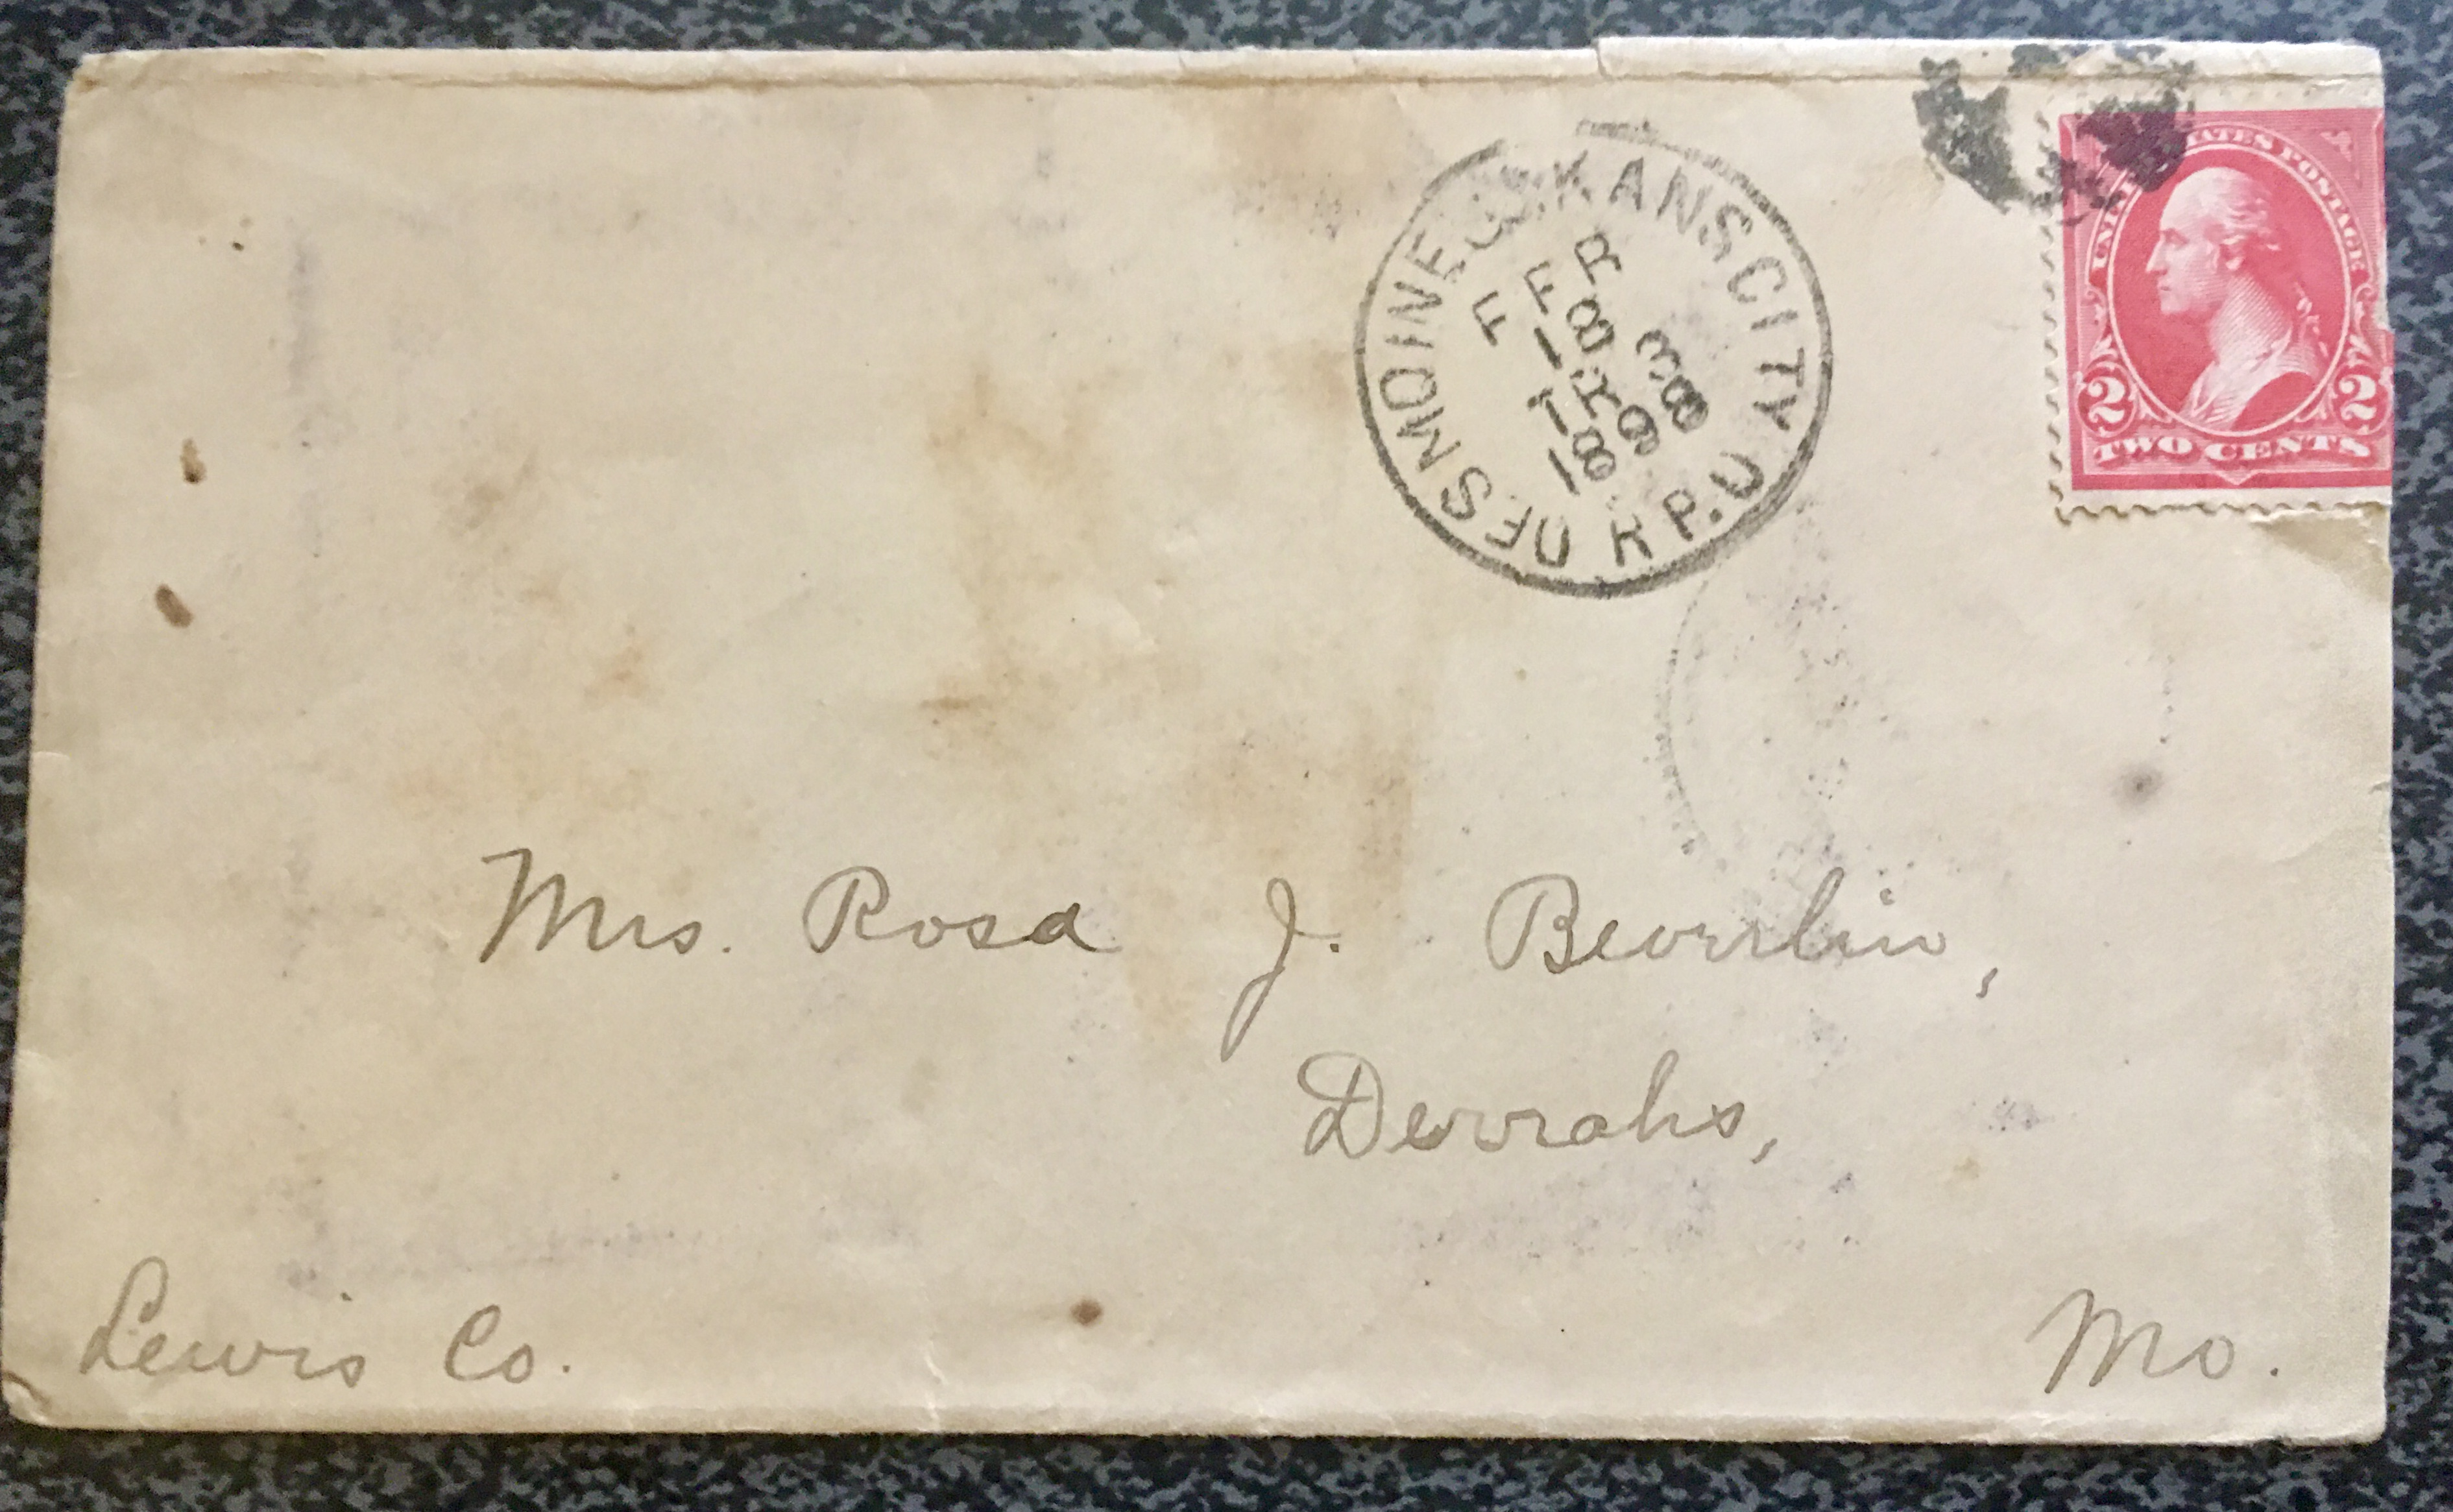 266-1898 DM-KC-RPO